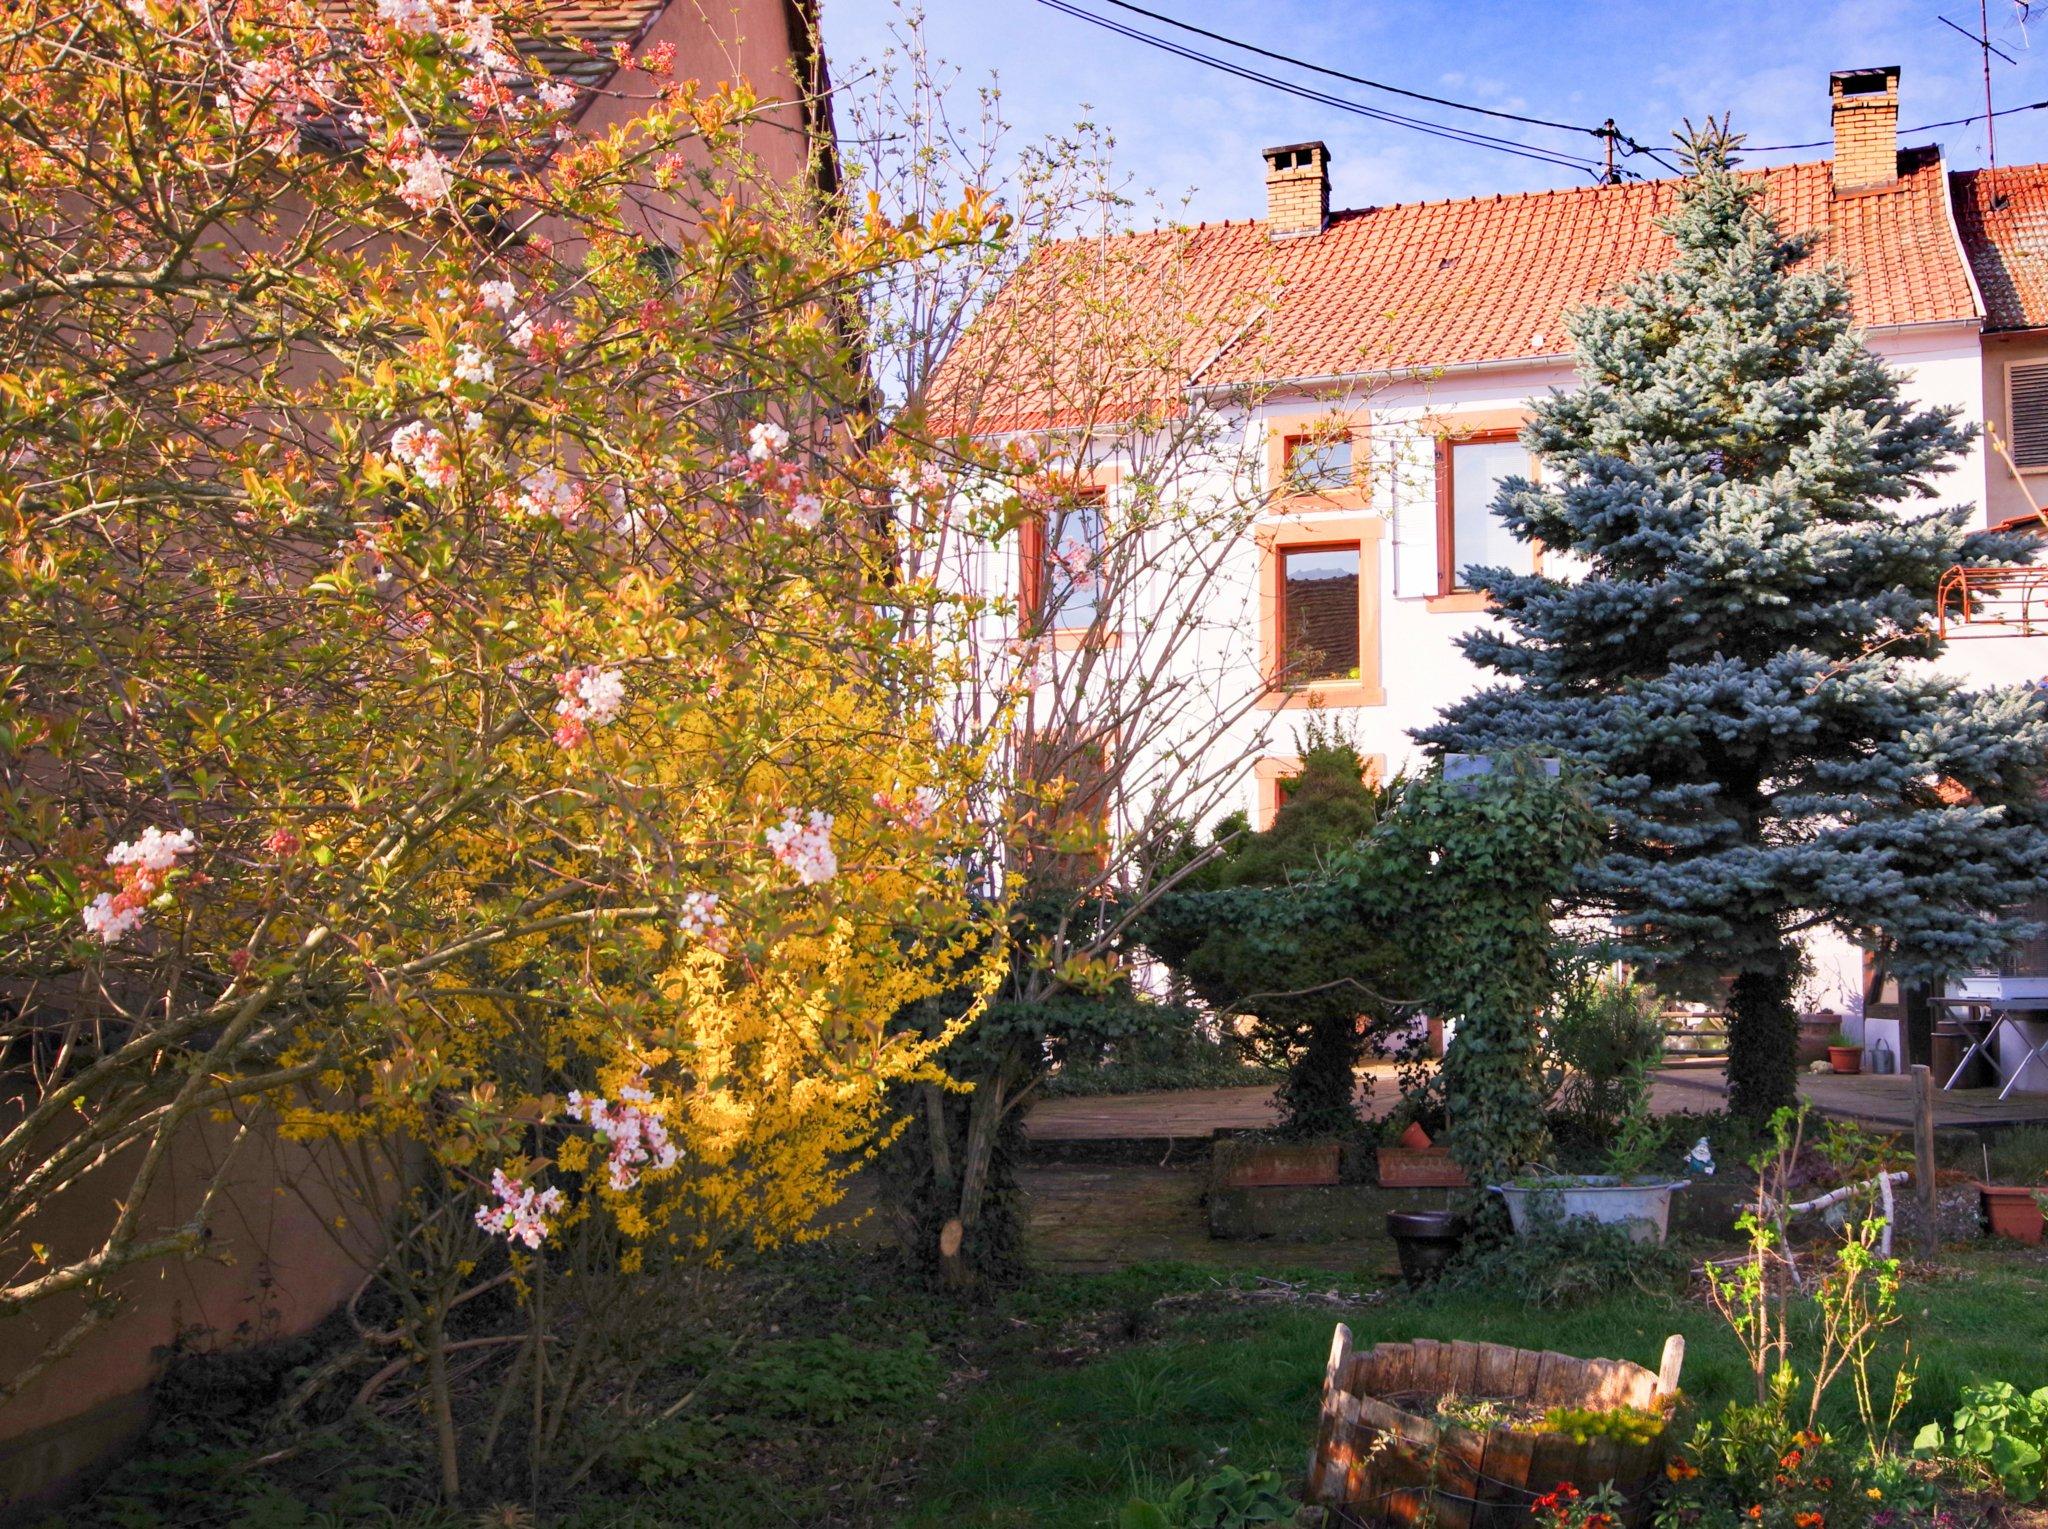 Vue Jardin et maison 2 - 738 - Ingwiller